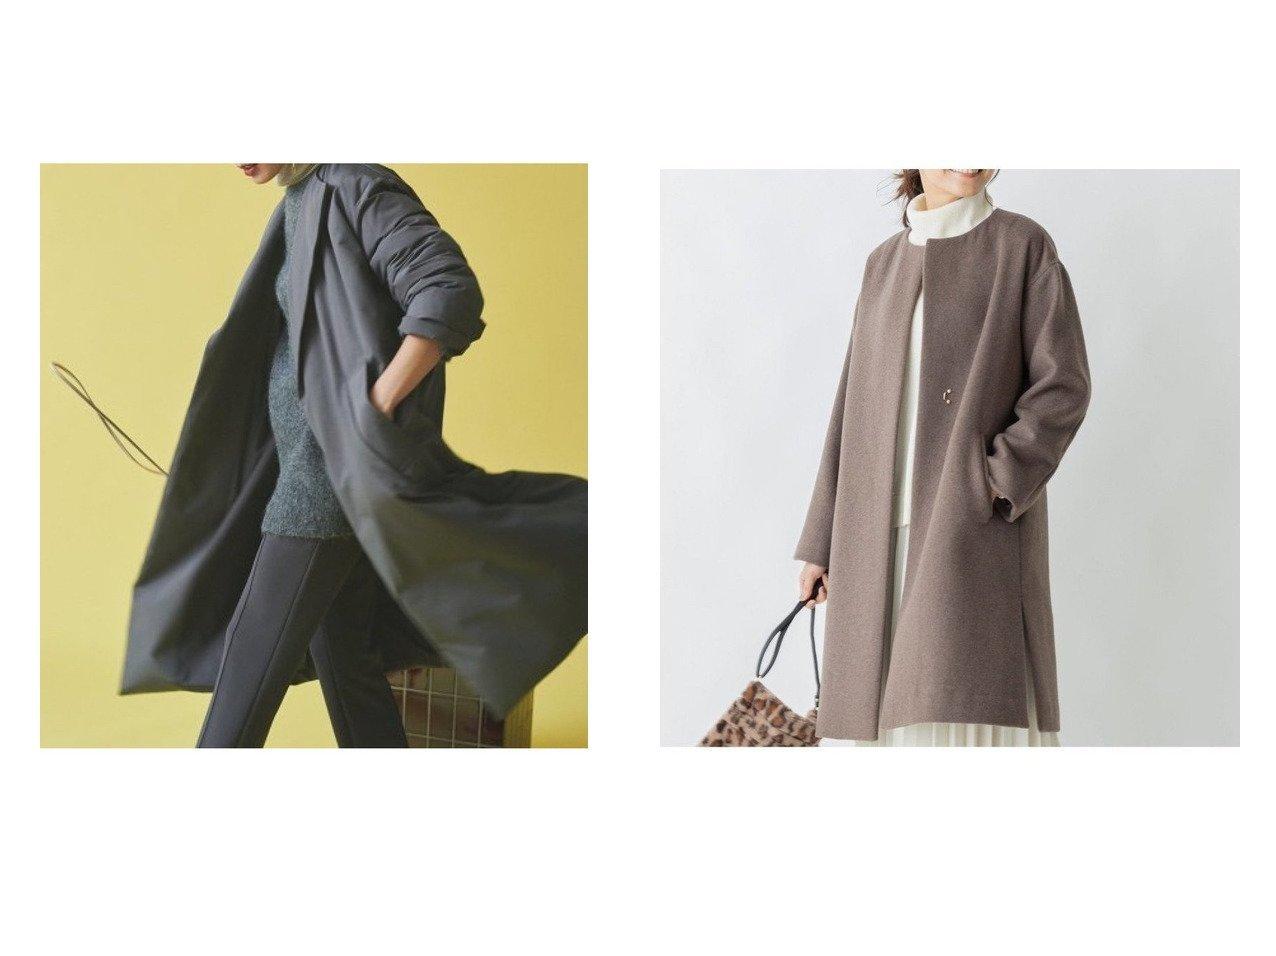 【any FAM/エニィファム】のカシミヤブレンドノーカラー コート&【Mila Owen/ミラオーウェン】のAライントレンチダウンコート アウターのおすすめ!人気、レディースファッションの通販 おすすめで人気のファッション通販商品 インテリア・家具・キッズファッション・メンズファッション・レディースファッション・服の通販 founy(ファニー) https://founy.com/ ファッション Fashion レディース WOMEN アウター Coat Outerwear コート Coats ジャケット Jackets ダウン Down Coats And Jackets トップス Tops Tshirt シャツ/ブラウス Shirts Blouses ジャケット ダウン トレンチ ロング インナー カシミヤ シンプル タートルネック チェスターコート デニム パーカー フレア 人気 定番 |ID:crp329100000002874